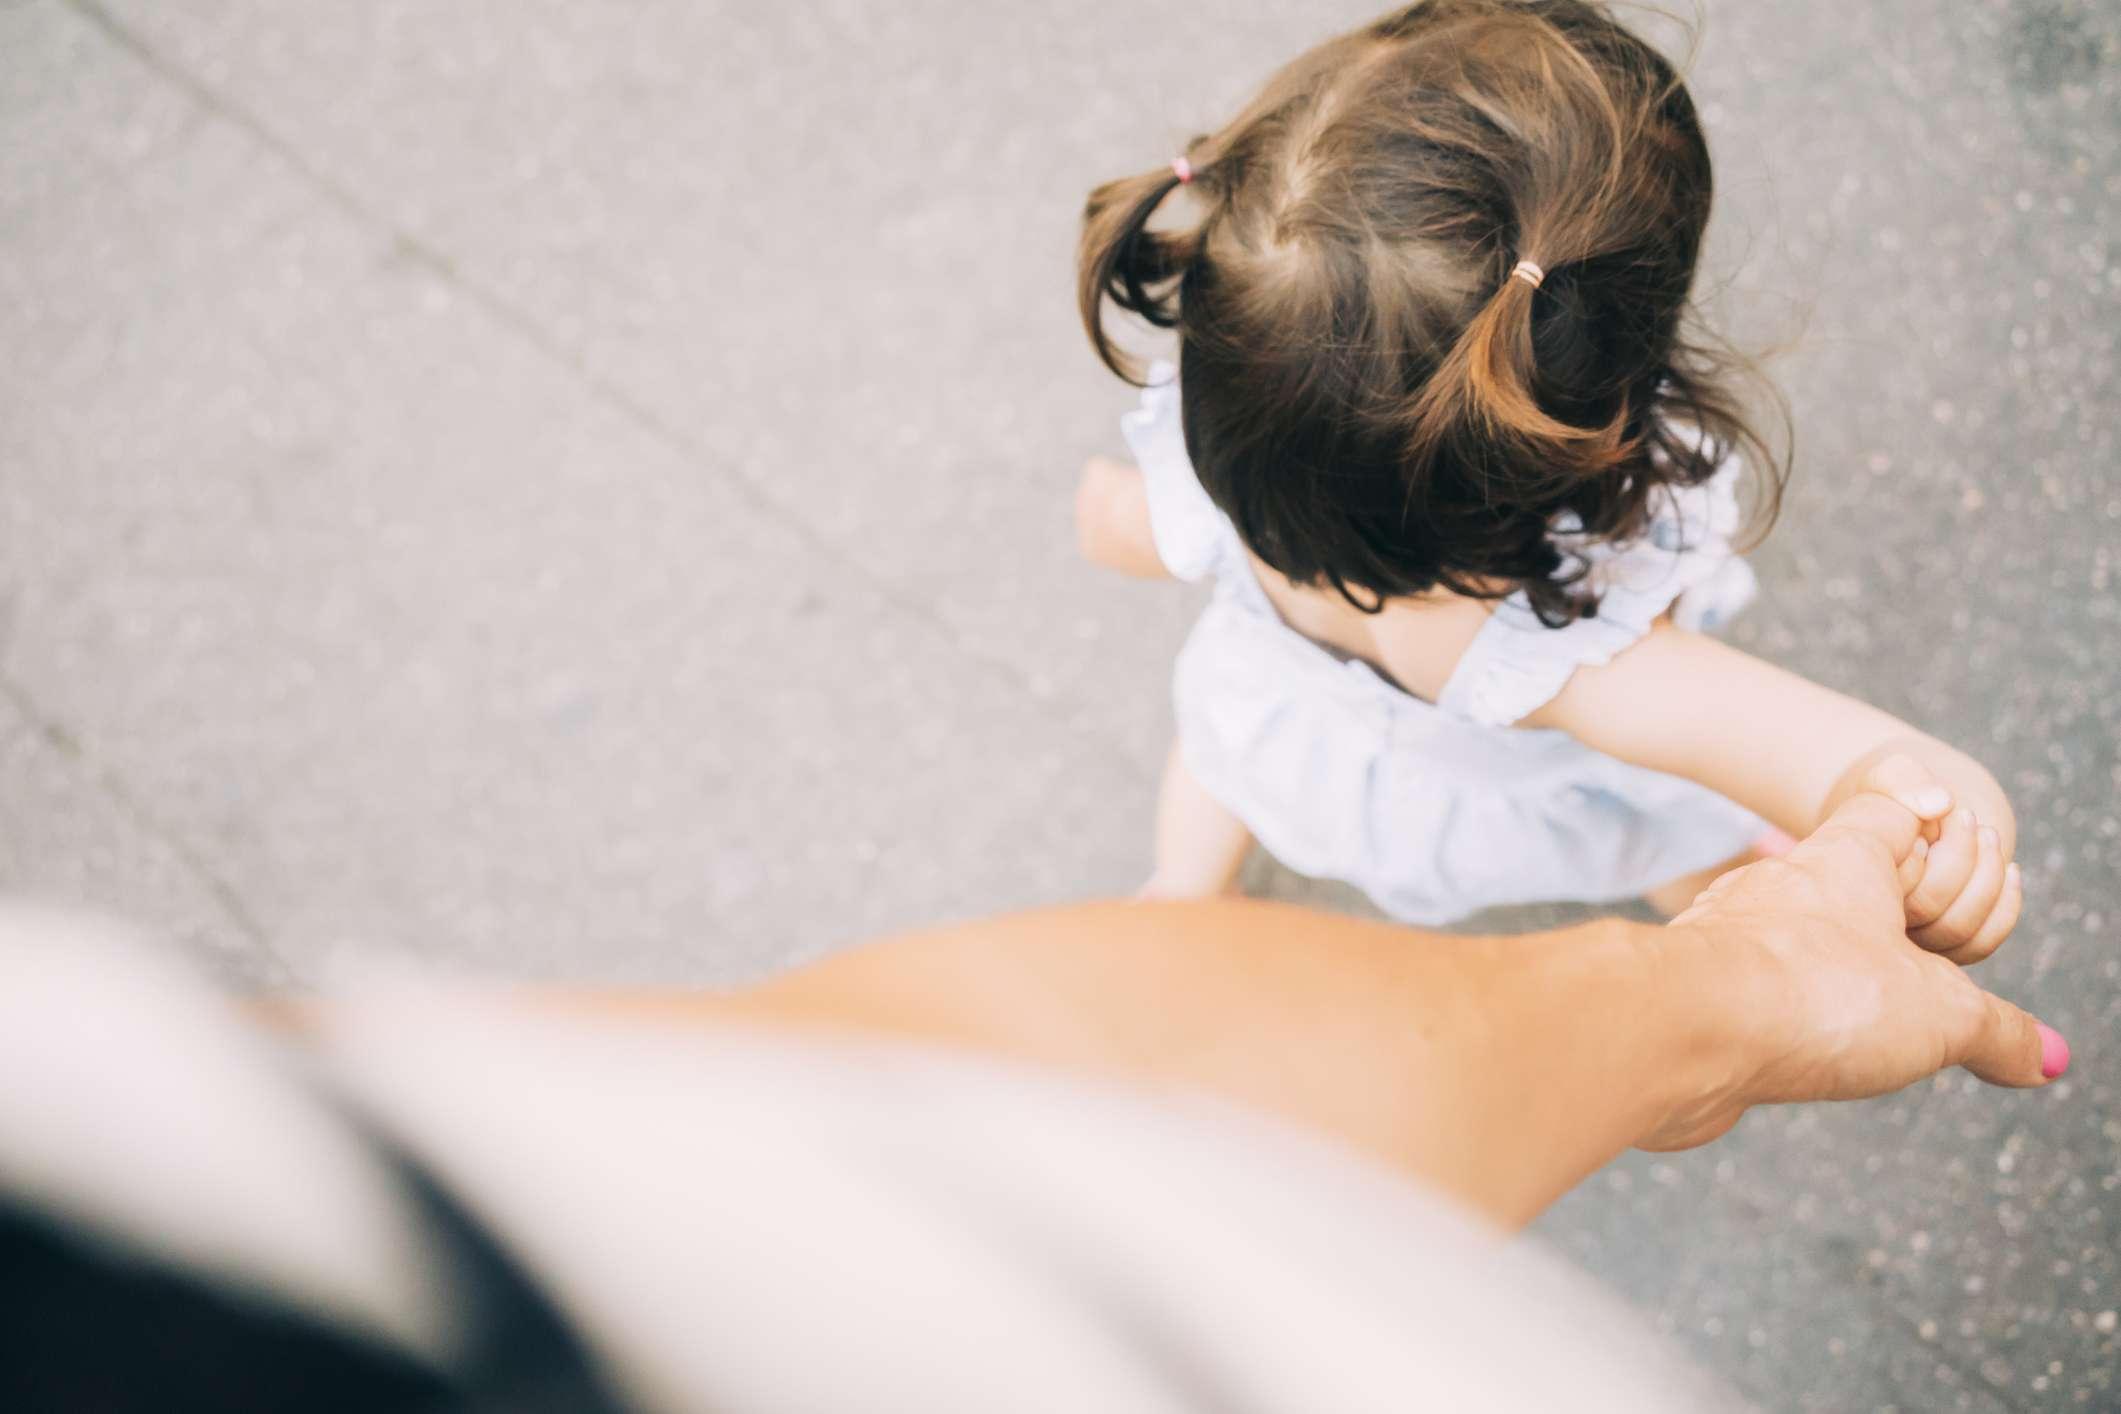 Walking with toddler